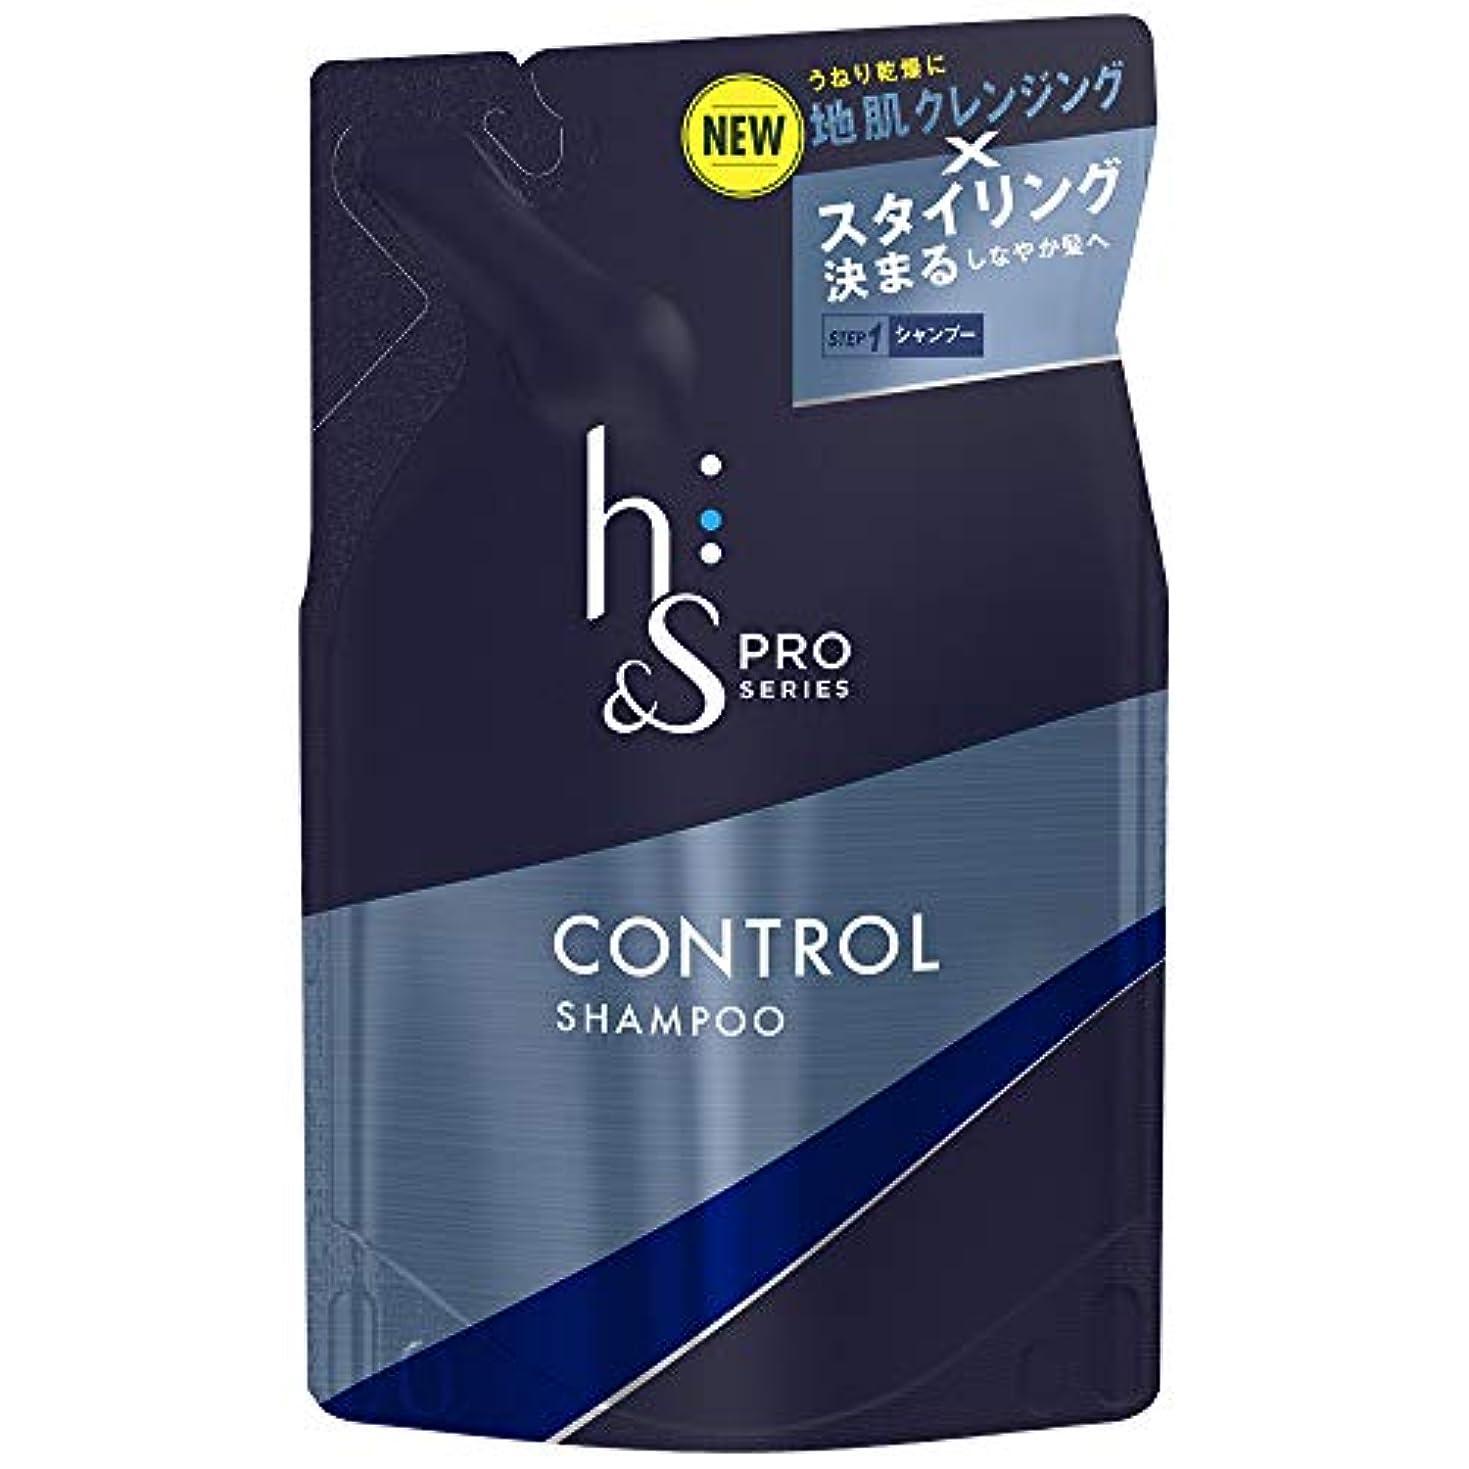 ビートグループ現代h&s PRO (エイチアンドエス プロ) メンズ シャンプー コントロール 詰め替え (スタイリング重視) 300mL